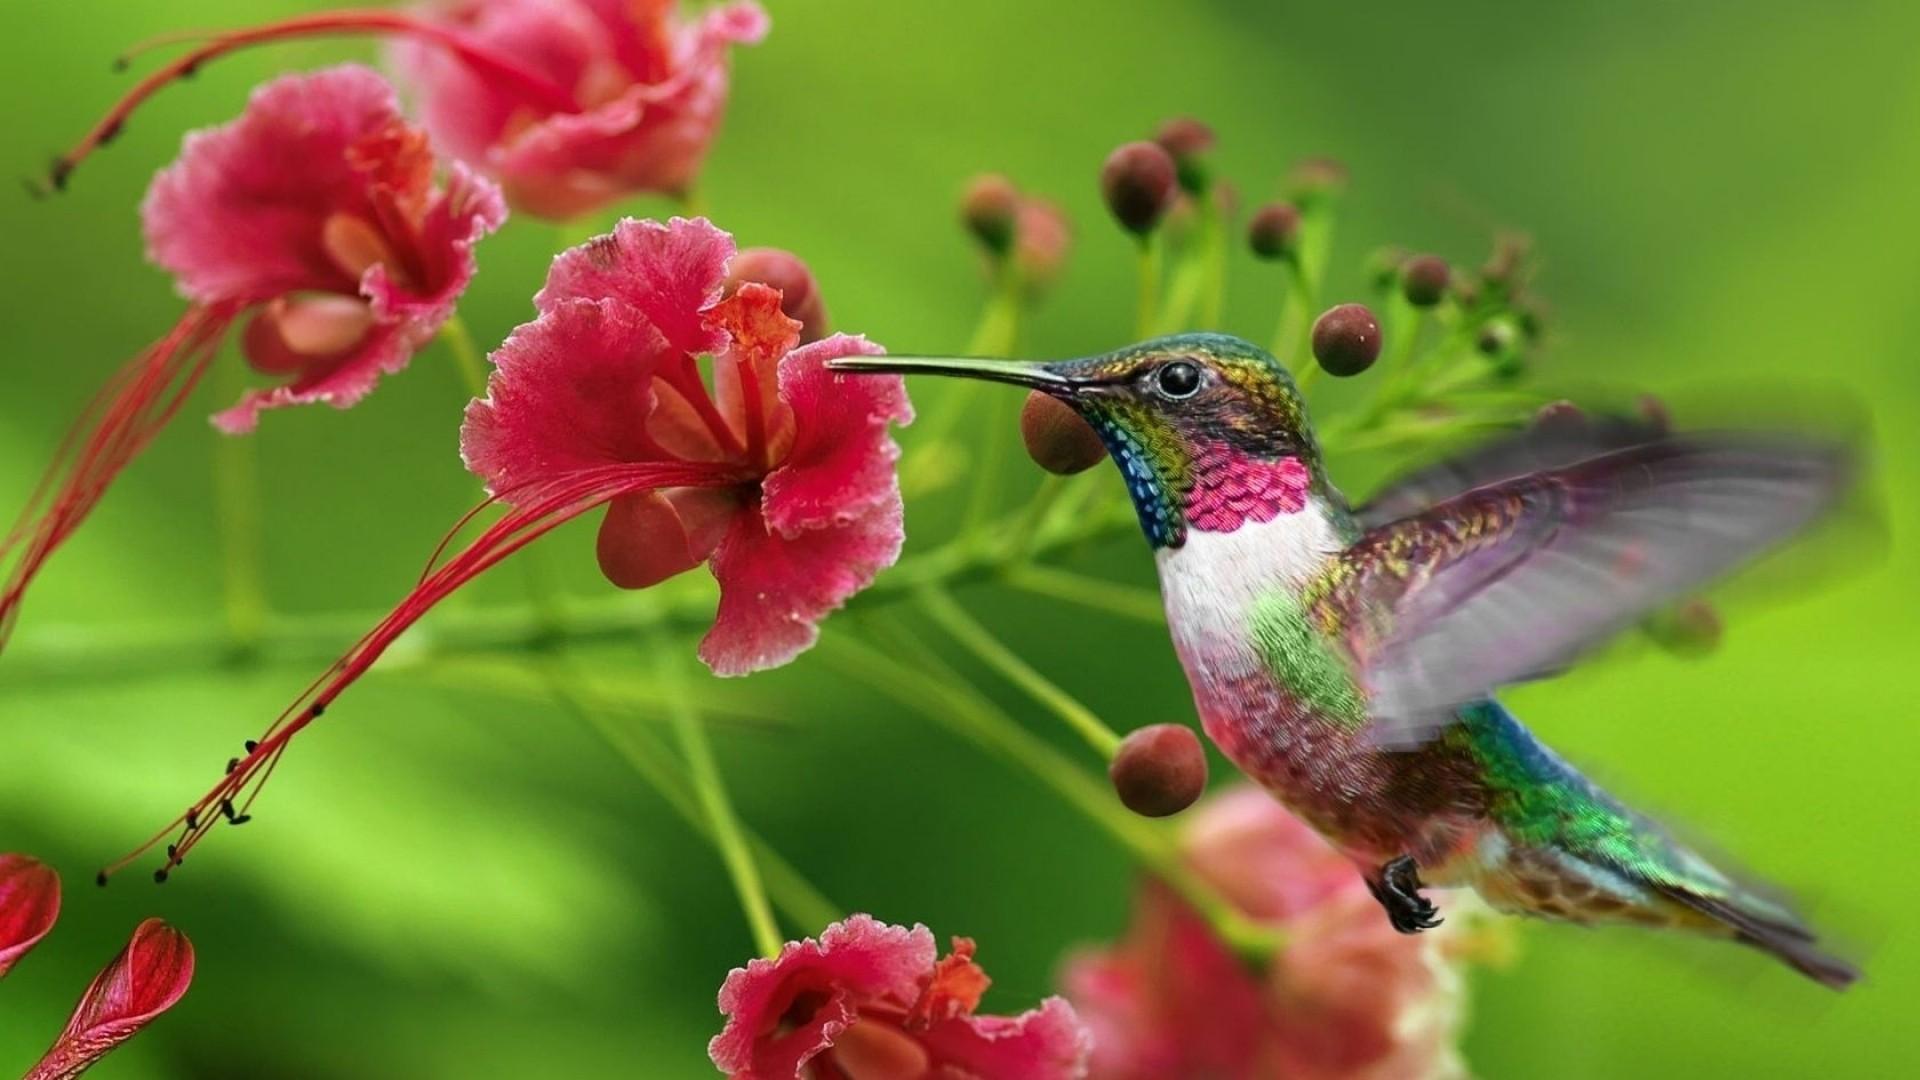 Hummingbird High Quality